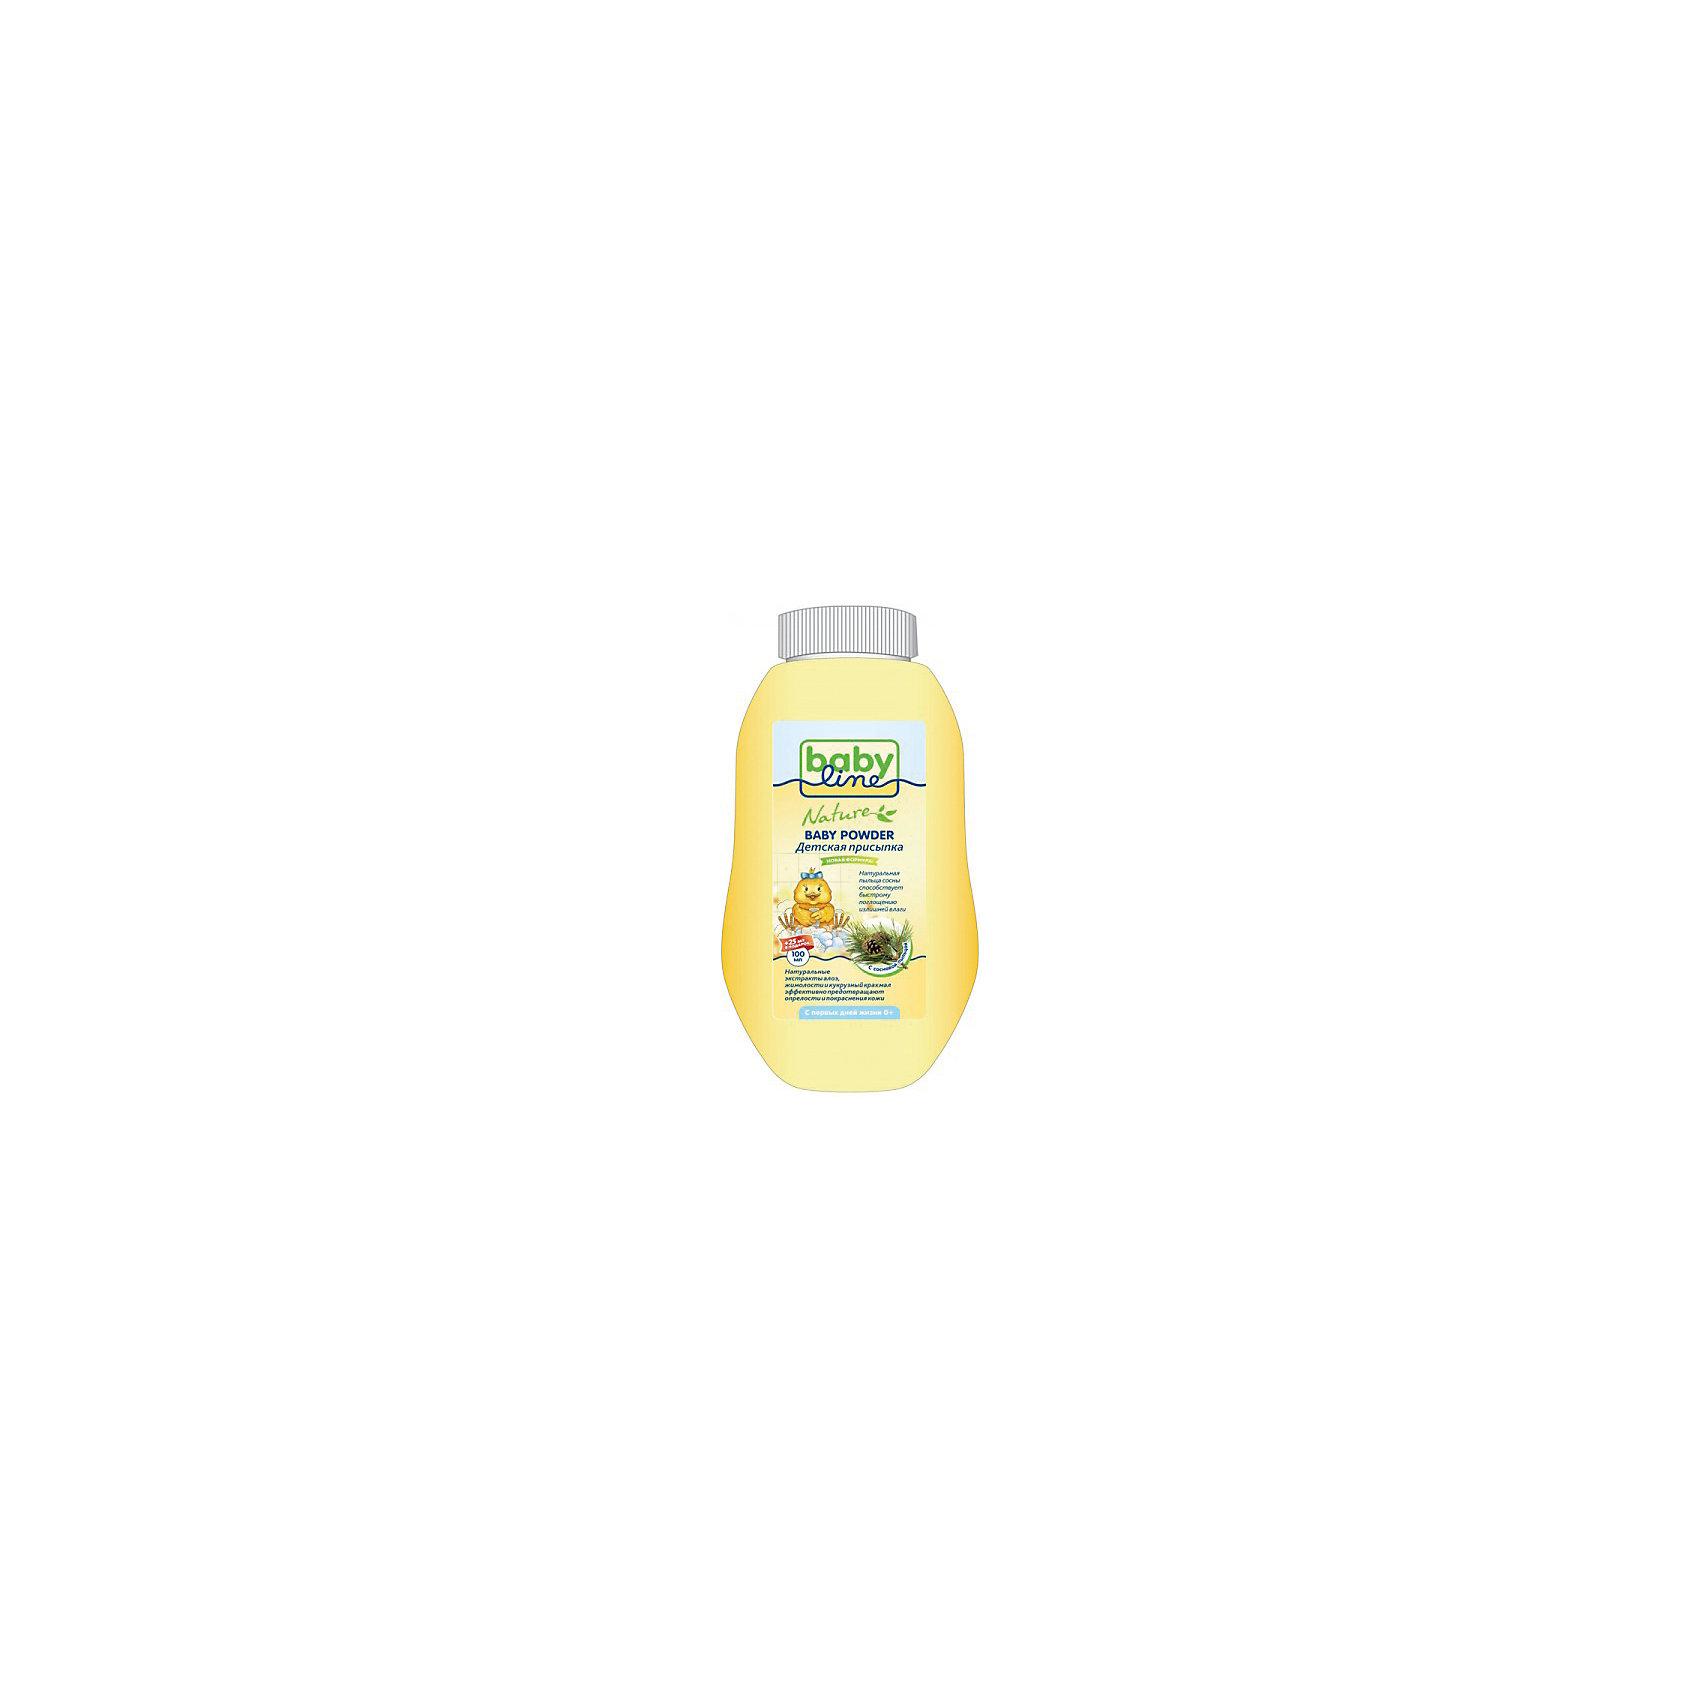 Детская присыпка с сосновой пыльцой, Babyline, 125 гр.